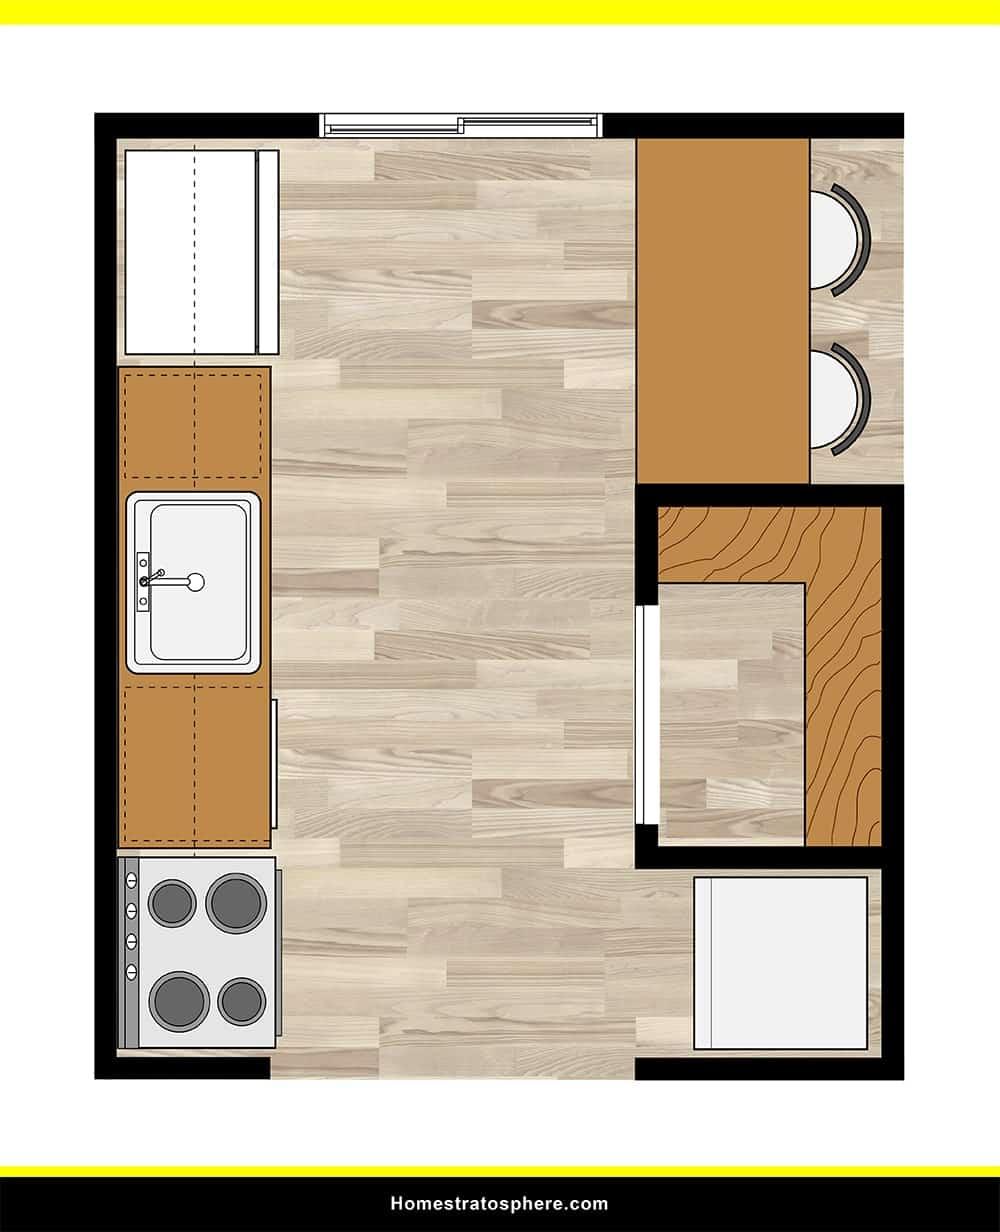 Kitchen 06 layout